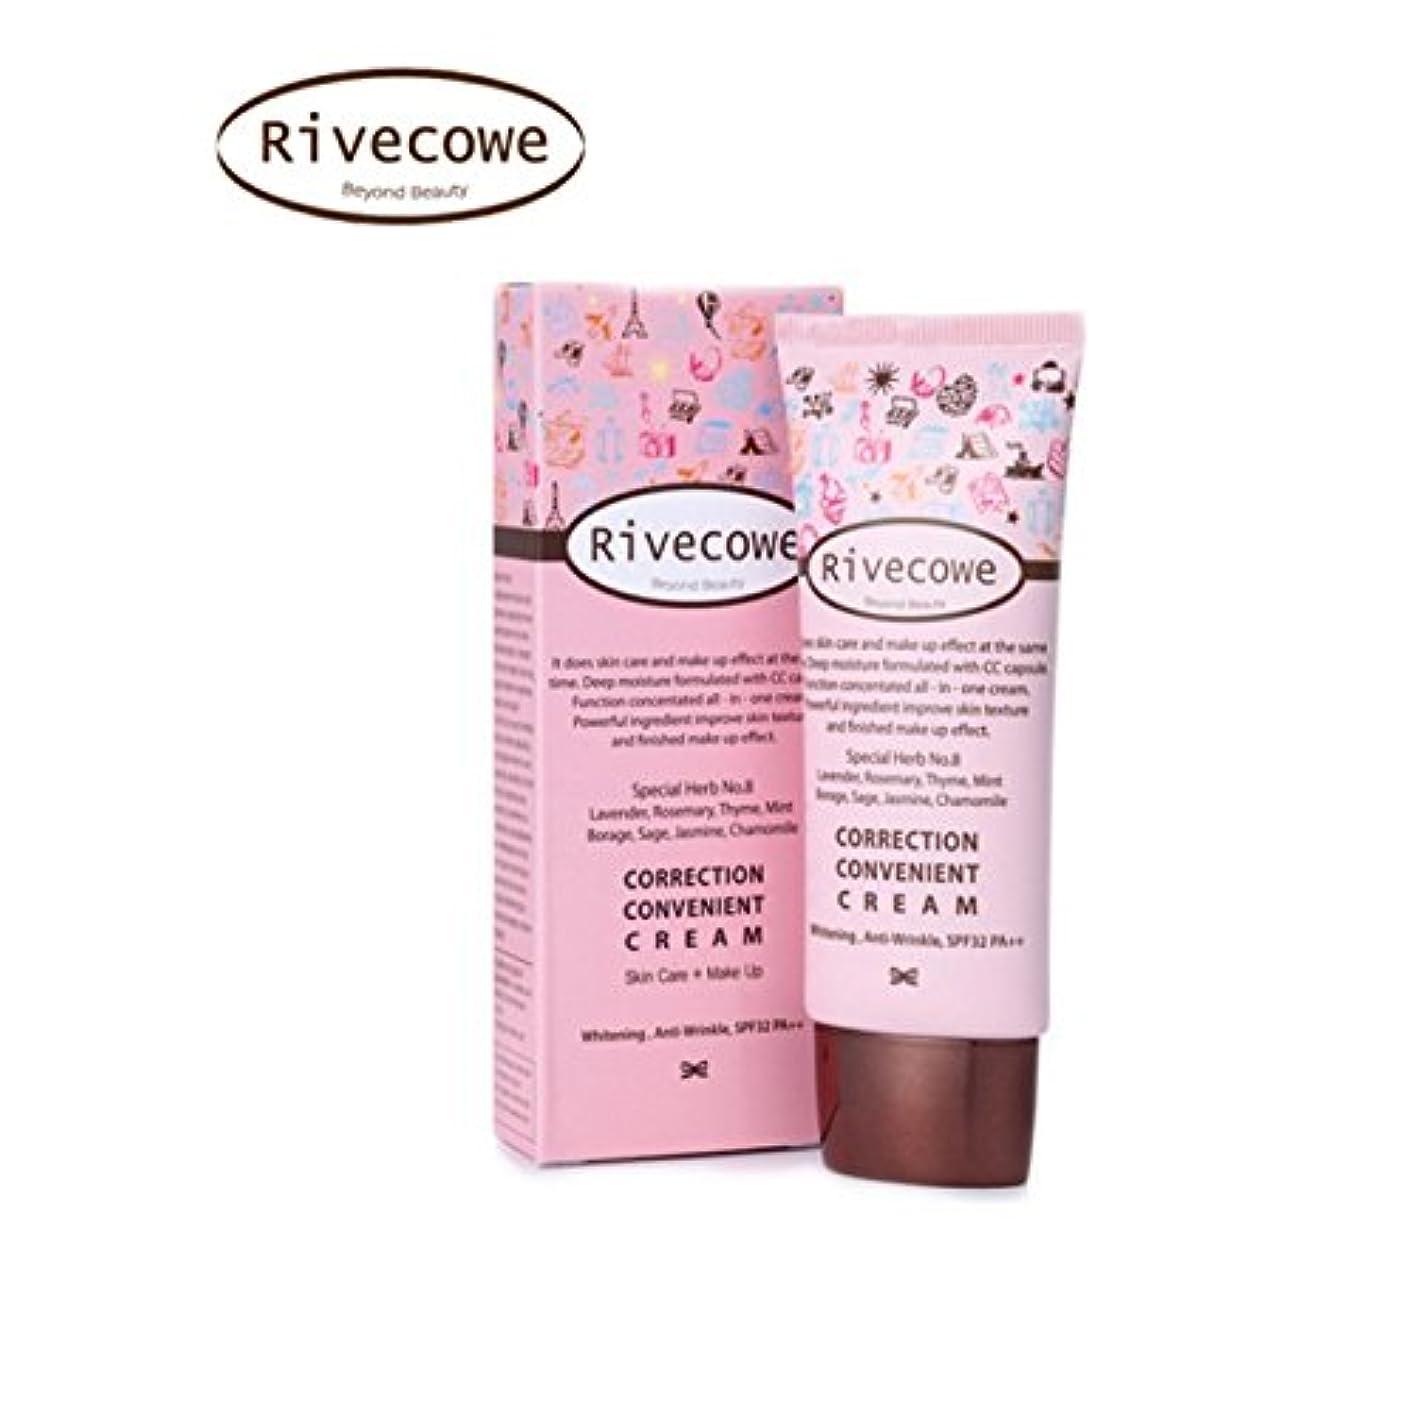 物理的な設計図カートリッジリヴコイ [韓国コスメ Rivecowe] CC クリーム (SPF32,PA++) 40ml(BB Skin Care+Makeup Foundation)/w Gift Sample [並行輸入品]